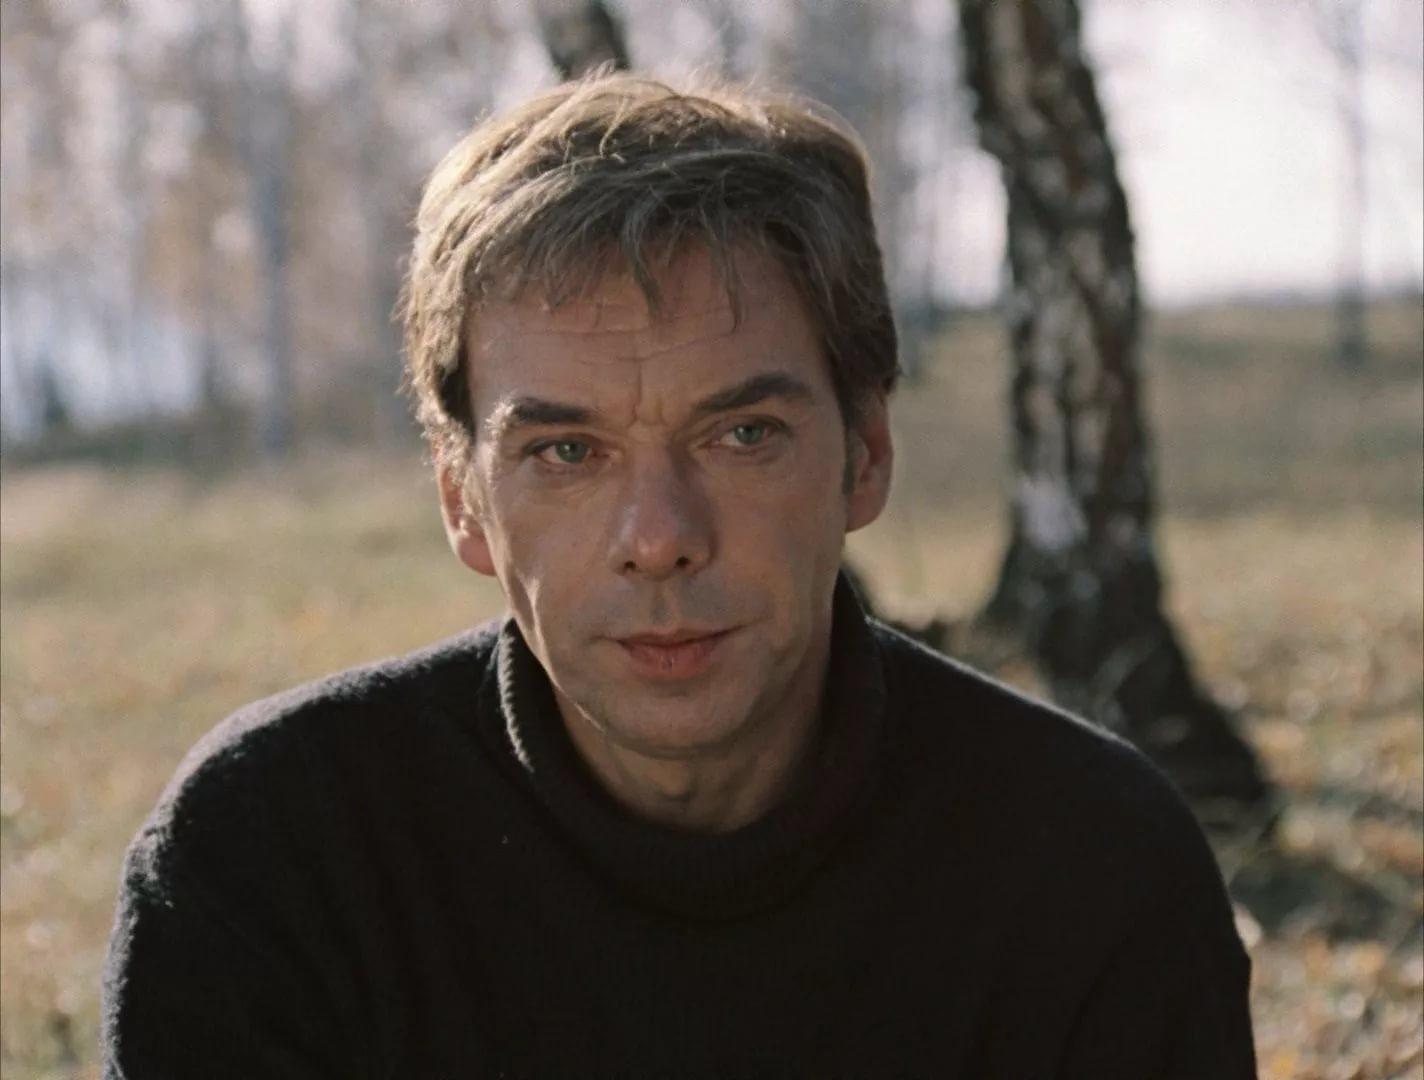 Кирилл Андреев: биография, личная жизнь, семья, жена, дети — фото